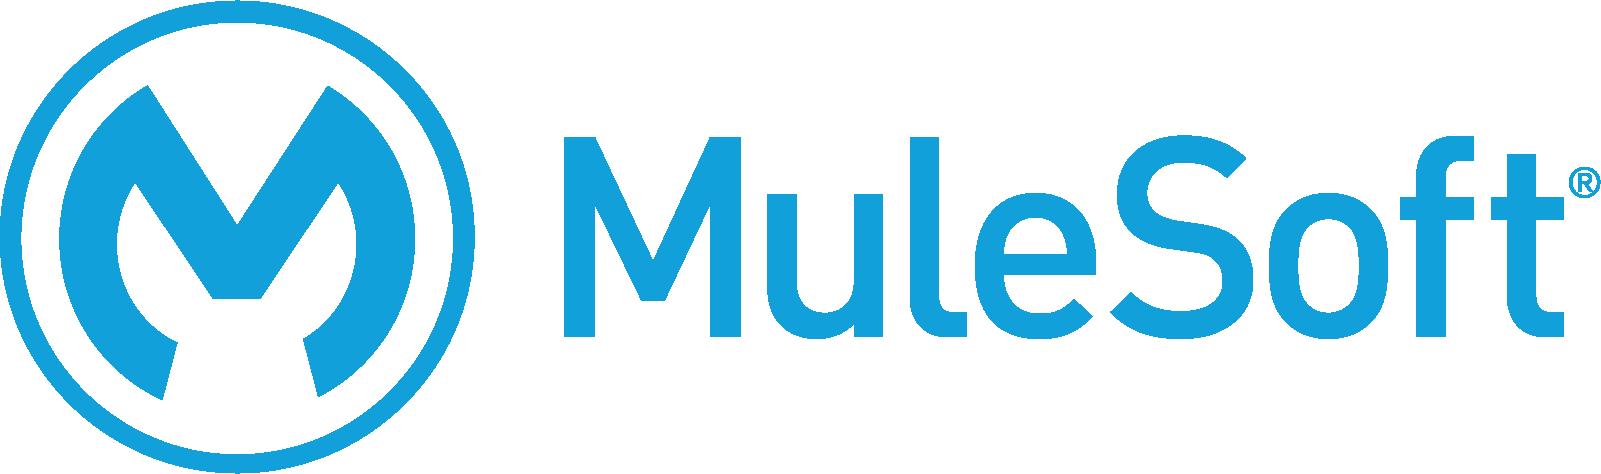 mulesoft-inc-logo.png